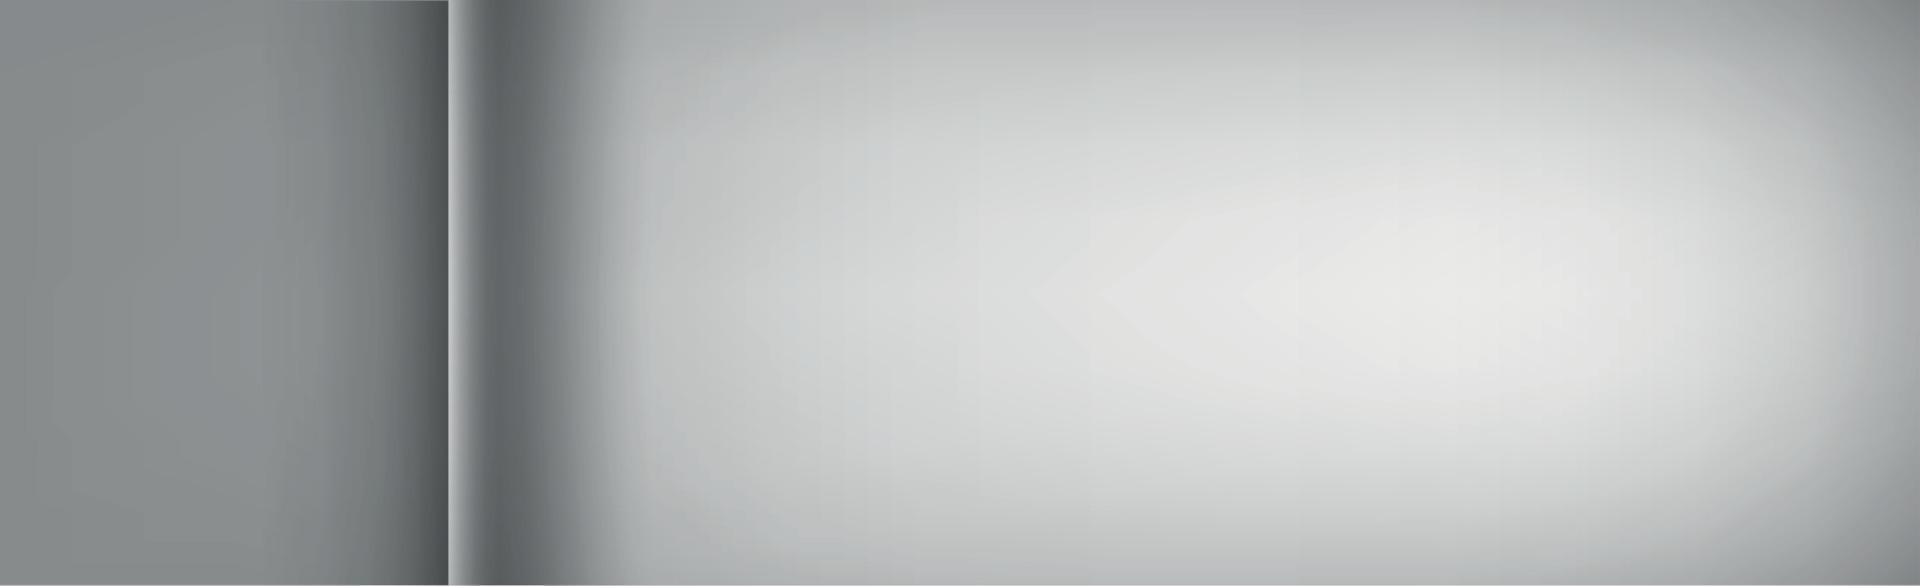 Fondo blanco y gris con borde rizado - vector